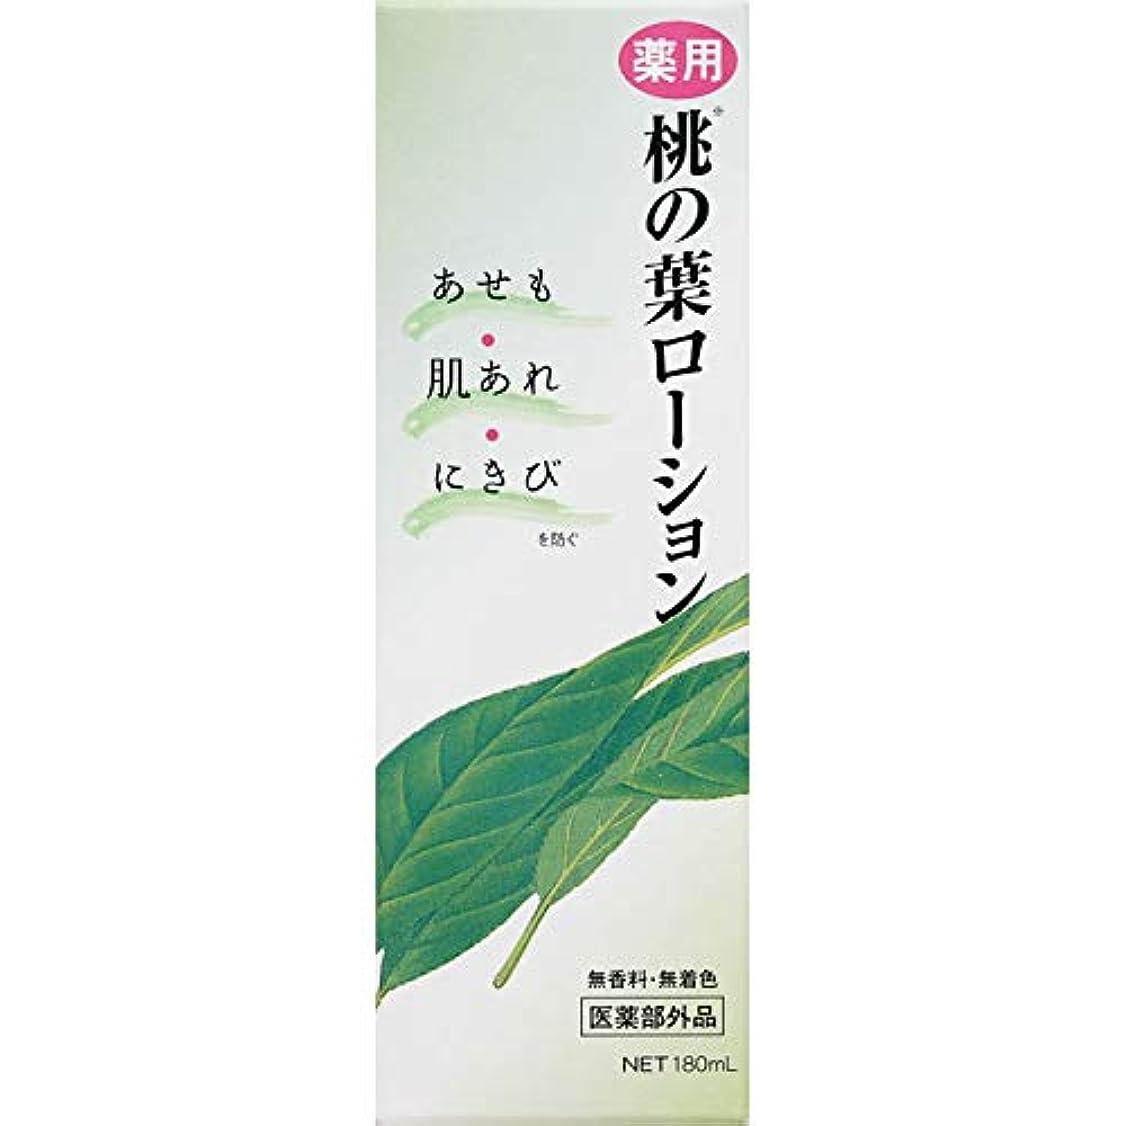 アストロラーベアリリサイクルする薬用?桃の葉ローション 180mL